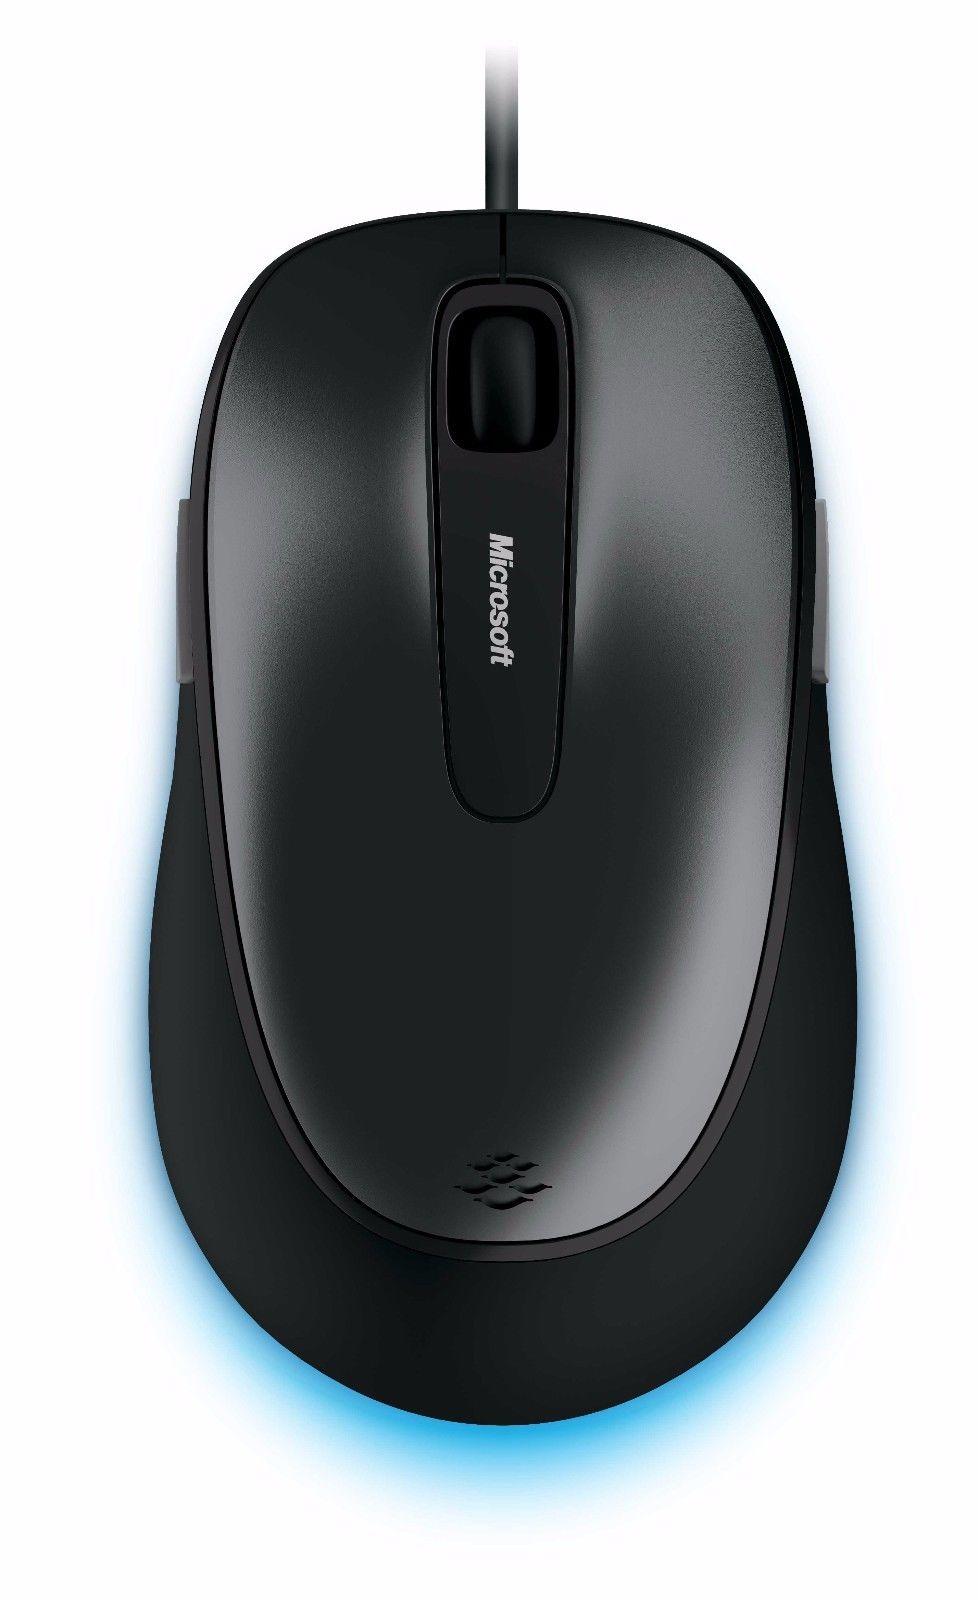 Mouse Microsoft Wired Comfort Optico 4500 Preto USB - 4FD-00025